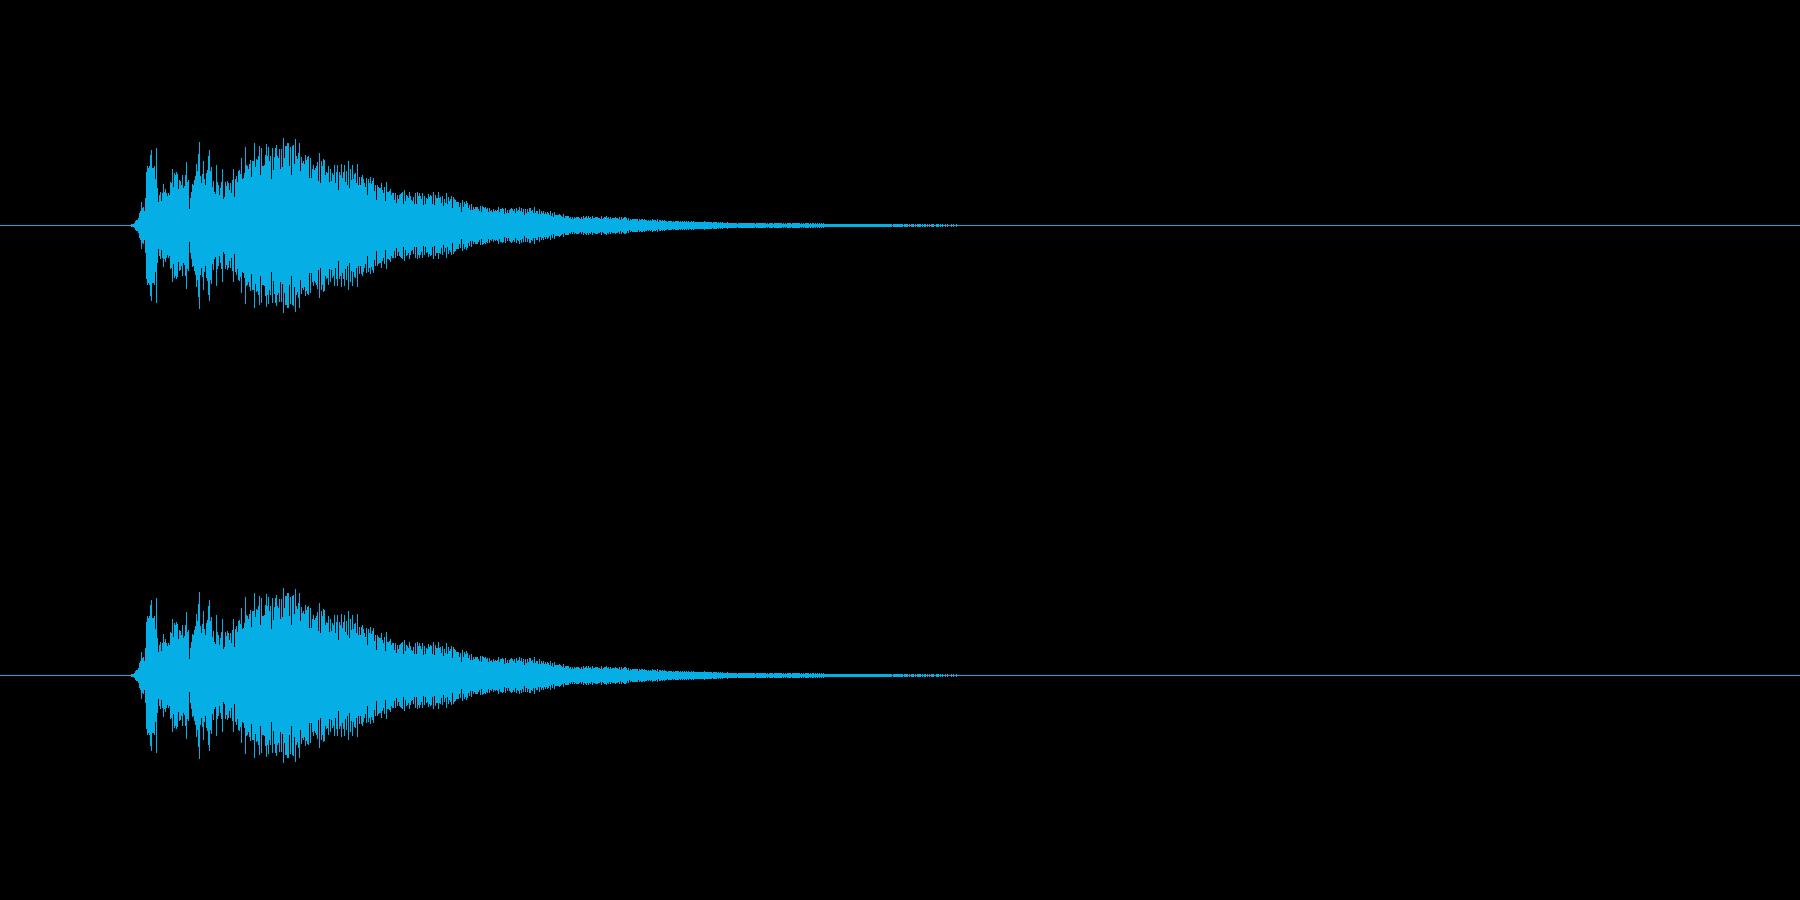 「刀」「シャキーン」の再生済みの波形